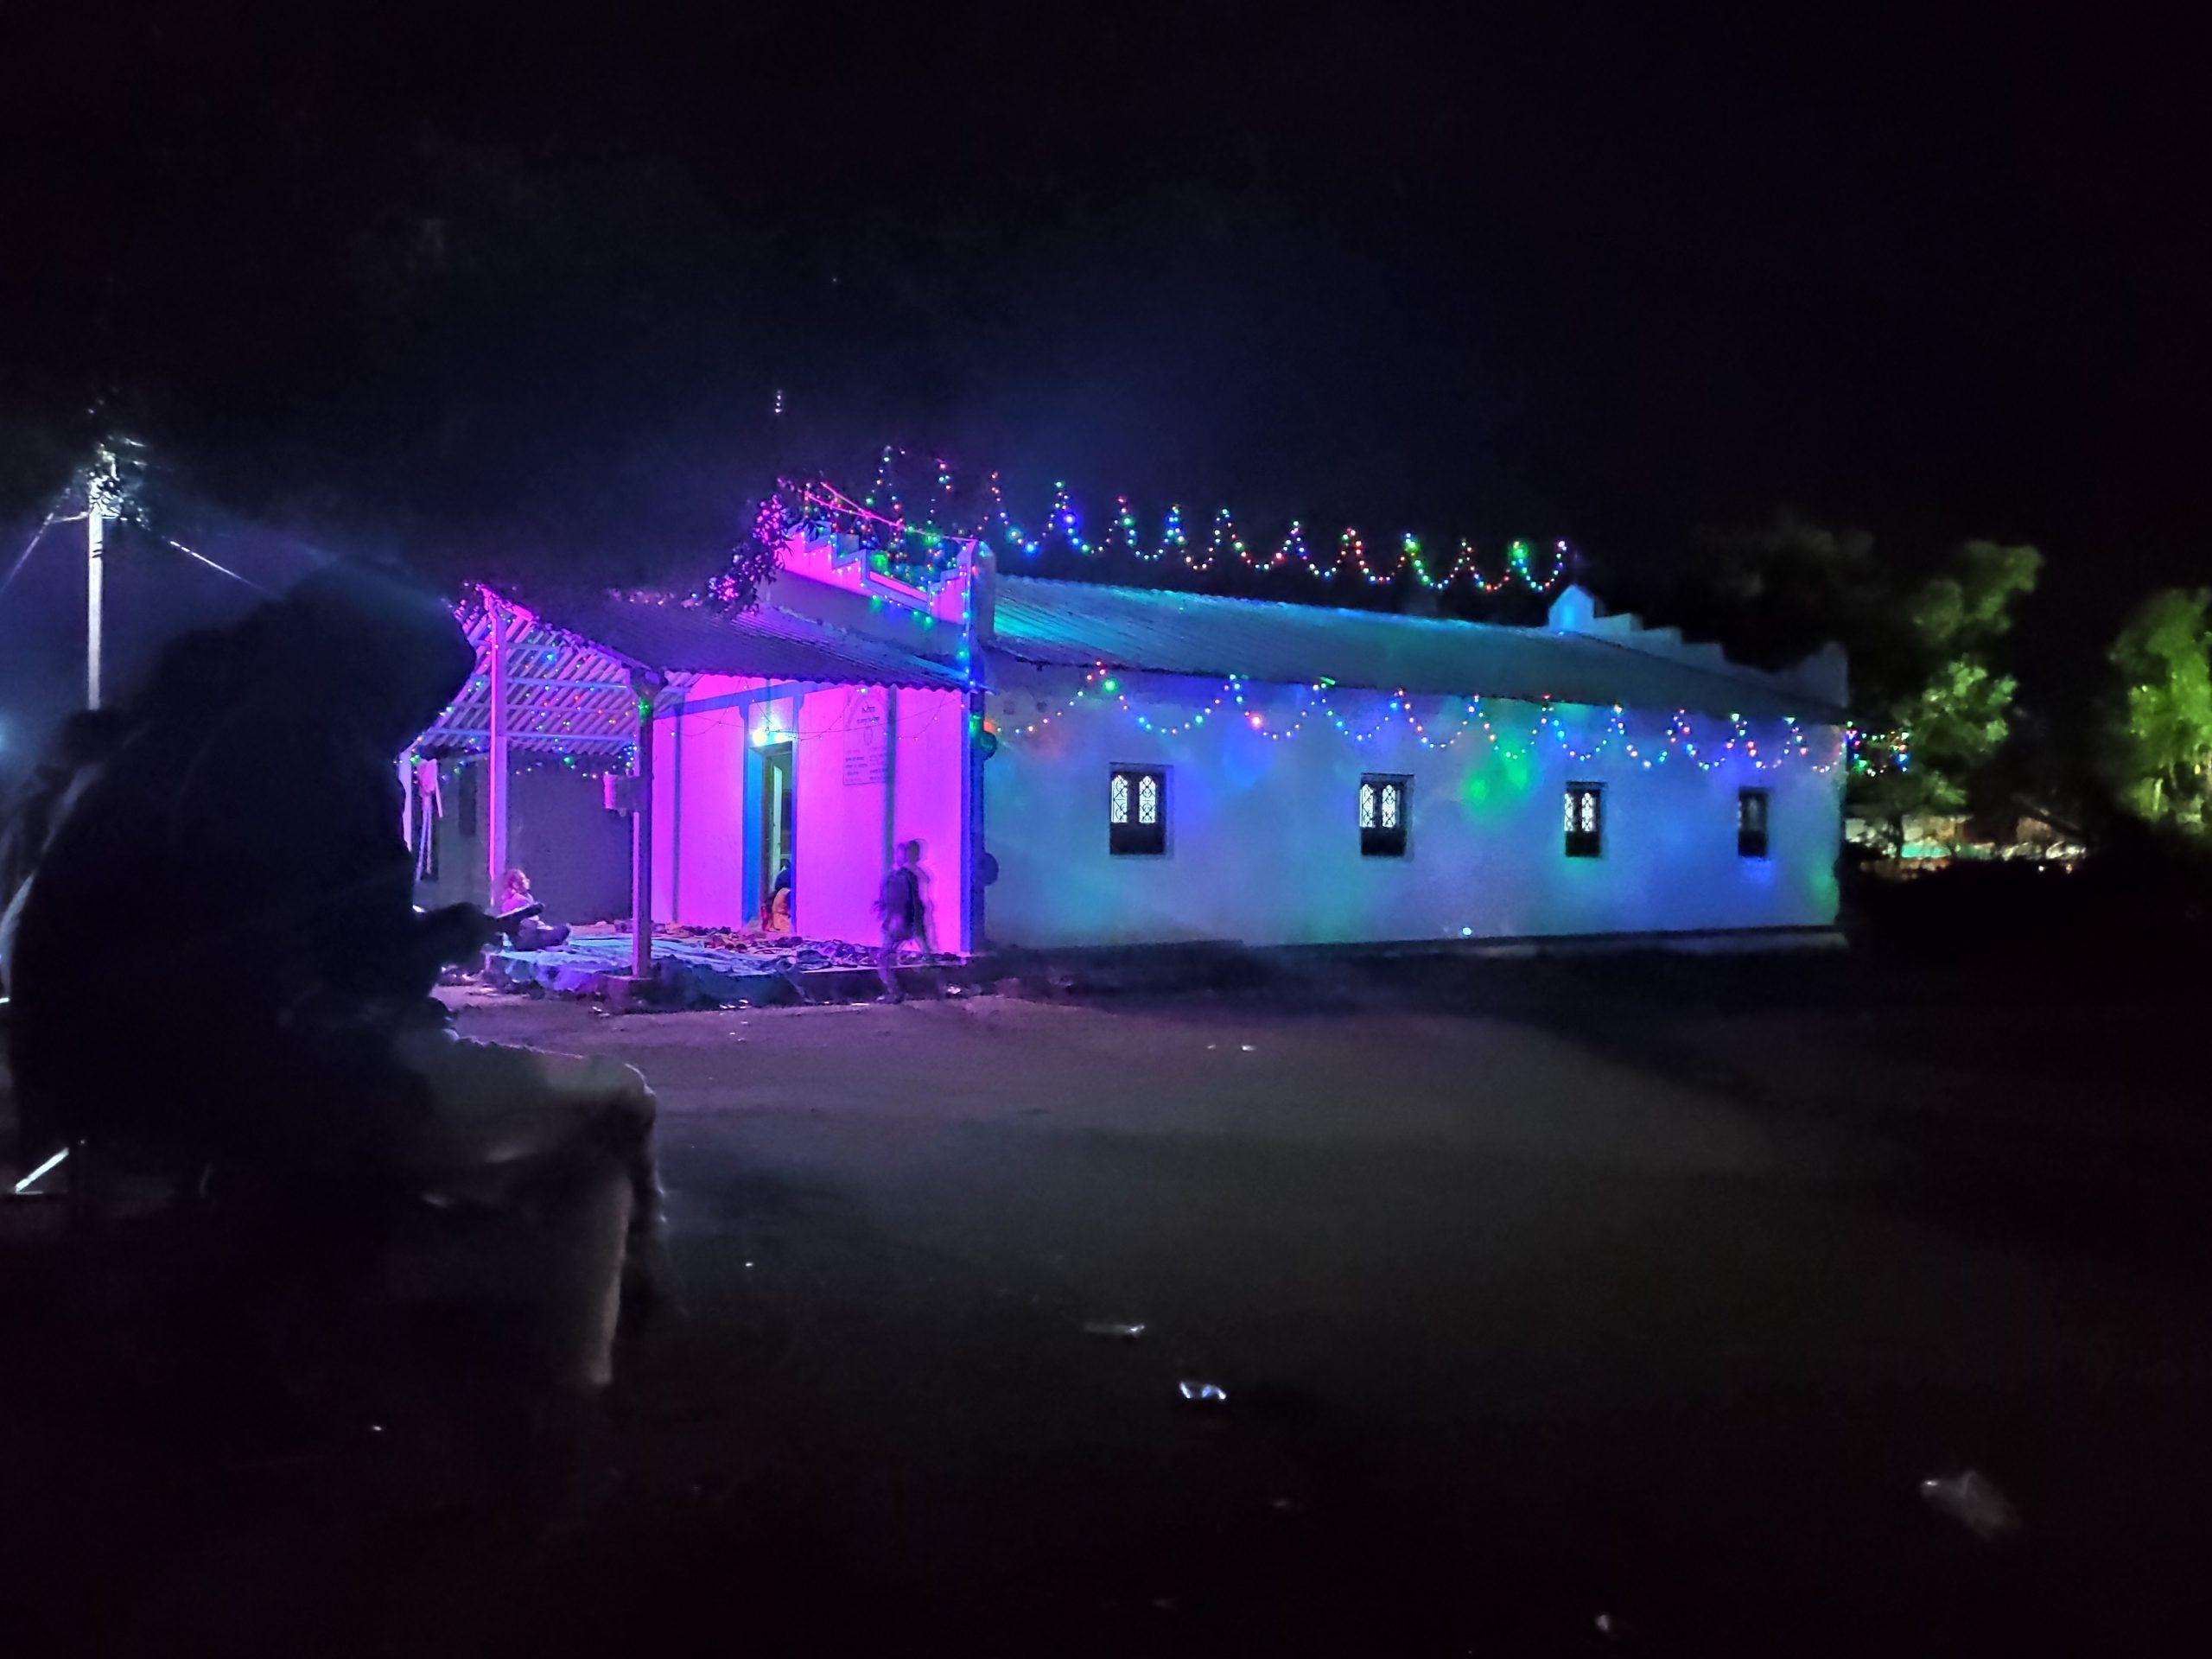 Lighting of a church